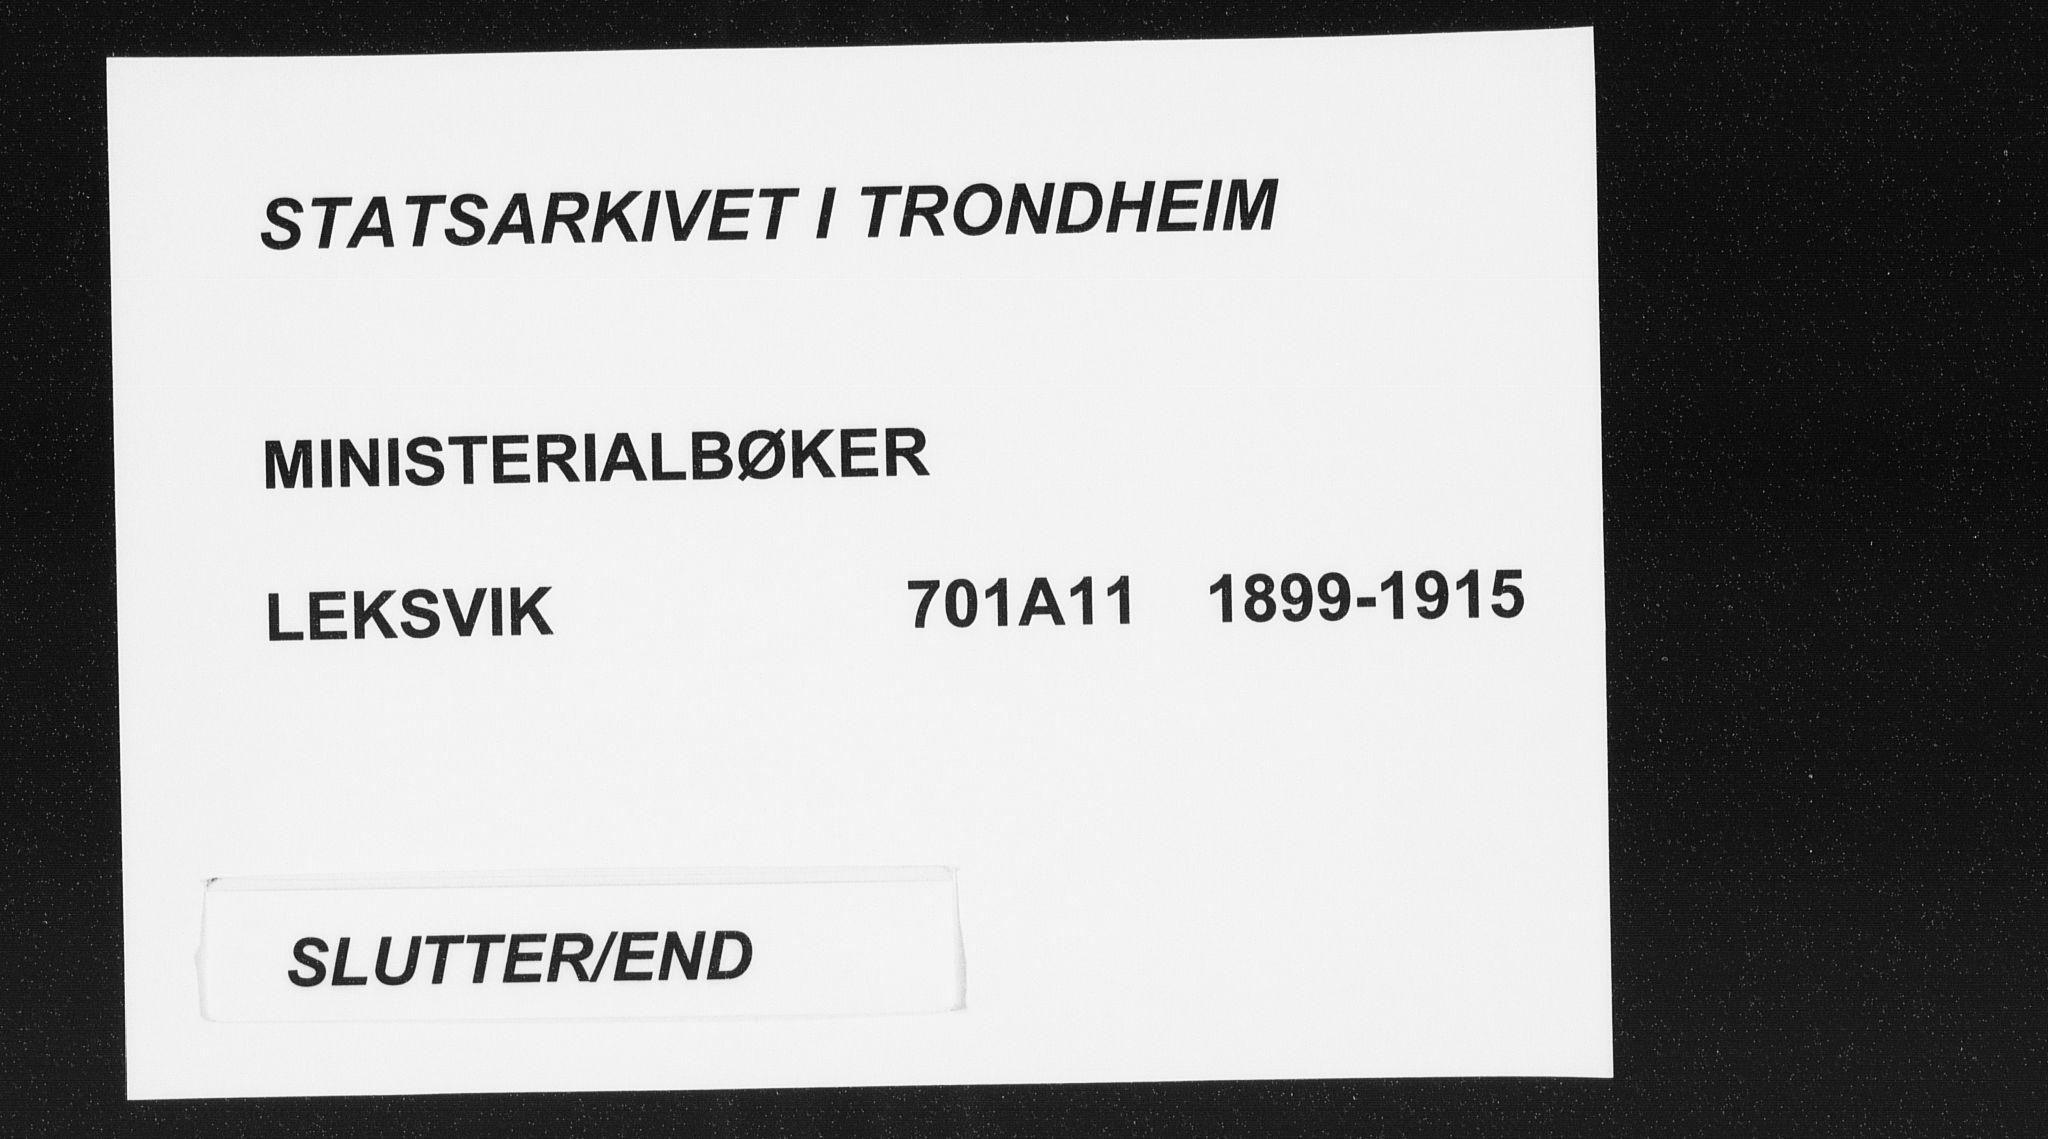 SAT, Ministerialprotokoller, klokkerbøker og fødselsregistre - Nord-Trøndelag, 701/L0011: Ministerialbok nr. 701A11, 1899-1915